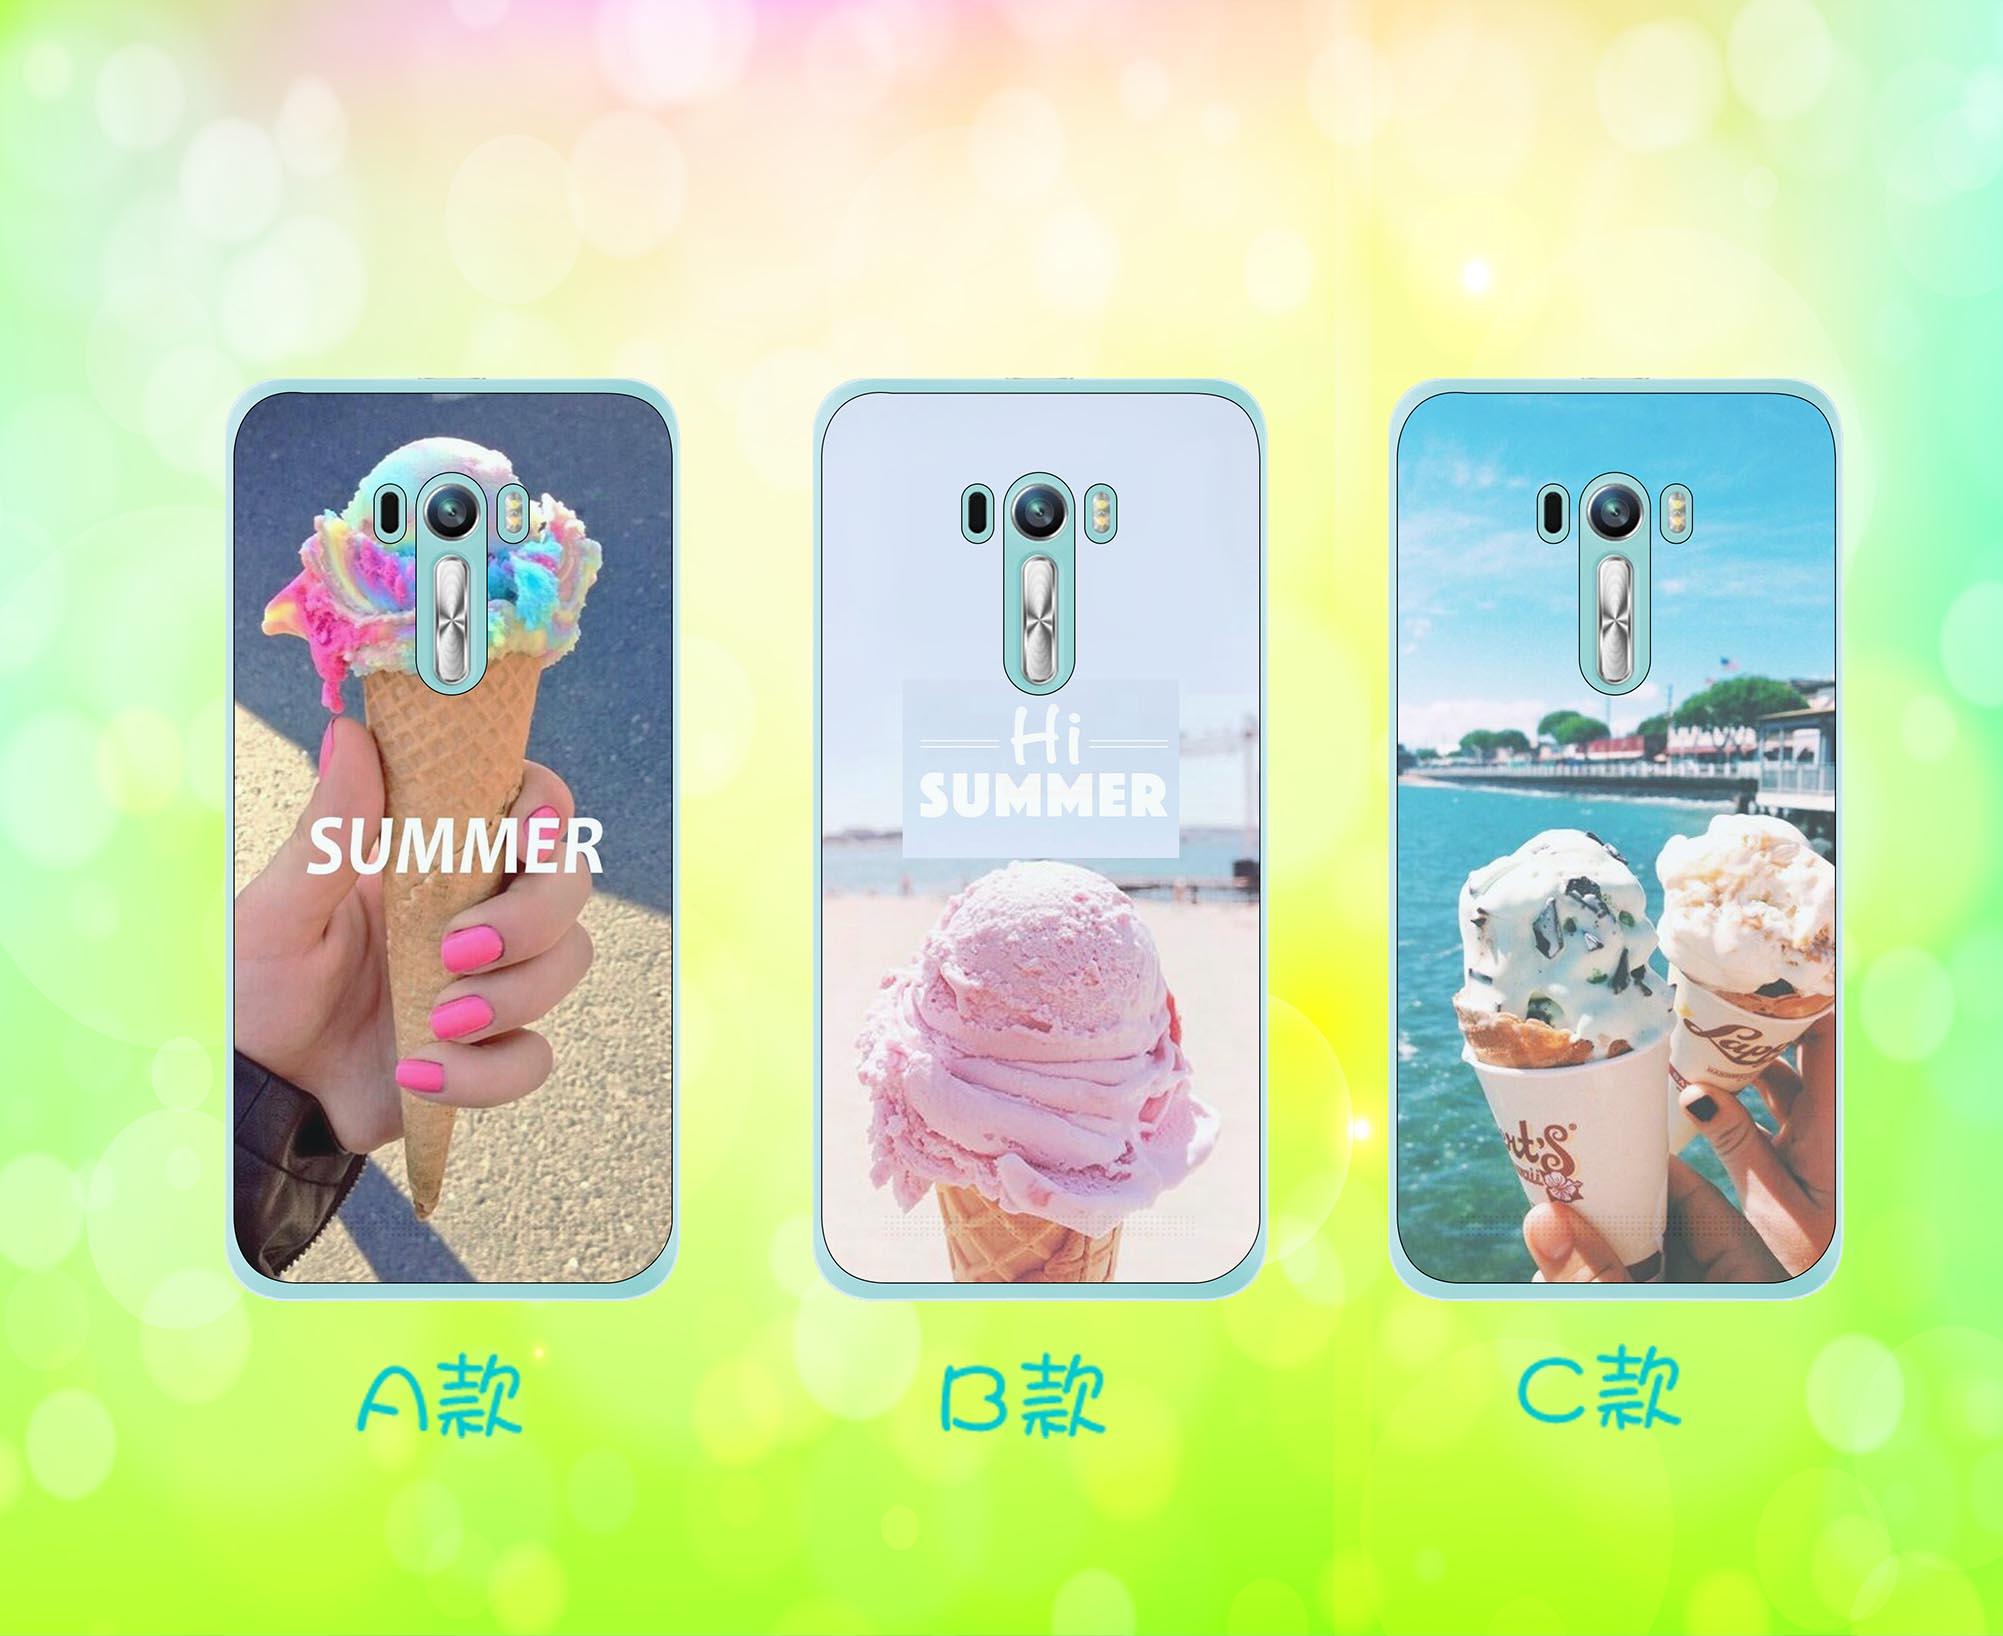 [ASUS] ✨ 夏日系透明軟殼 ✨ 日本工藝超精細[ZenFone2 Selfie,ZenFone2 go,ZenFone2 5吋,ZenFone2 5.5吋,ZenFone2 Laser 5吋,ZenFone2 Laser 5.5吋,ZenFone2 Laser 6吋,ZenFone6] 1